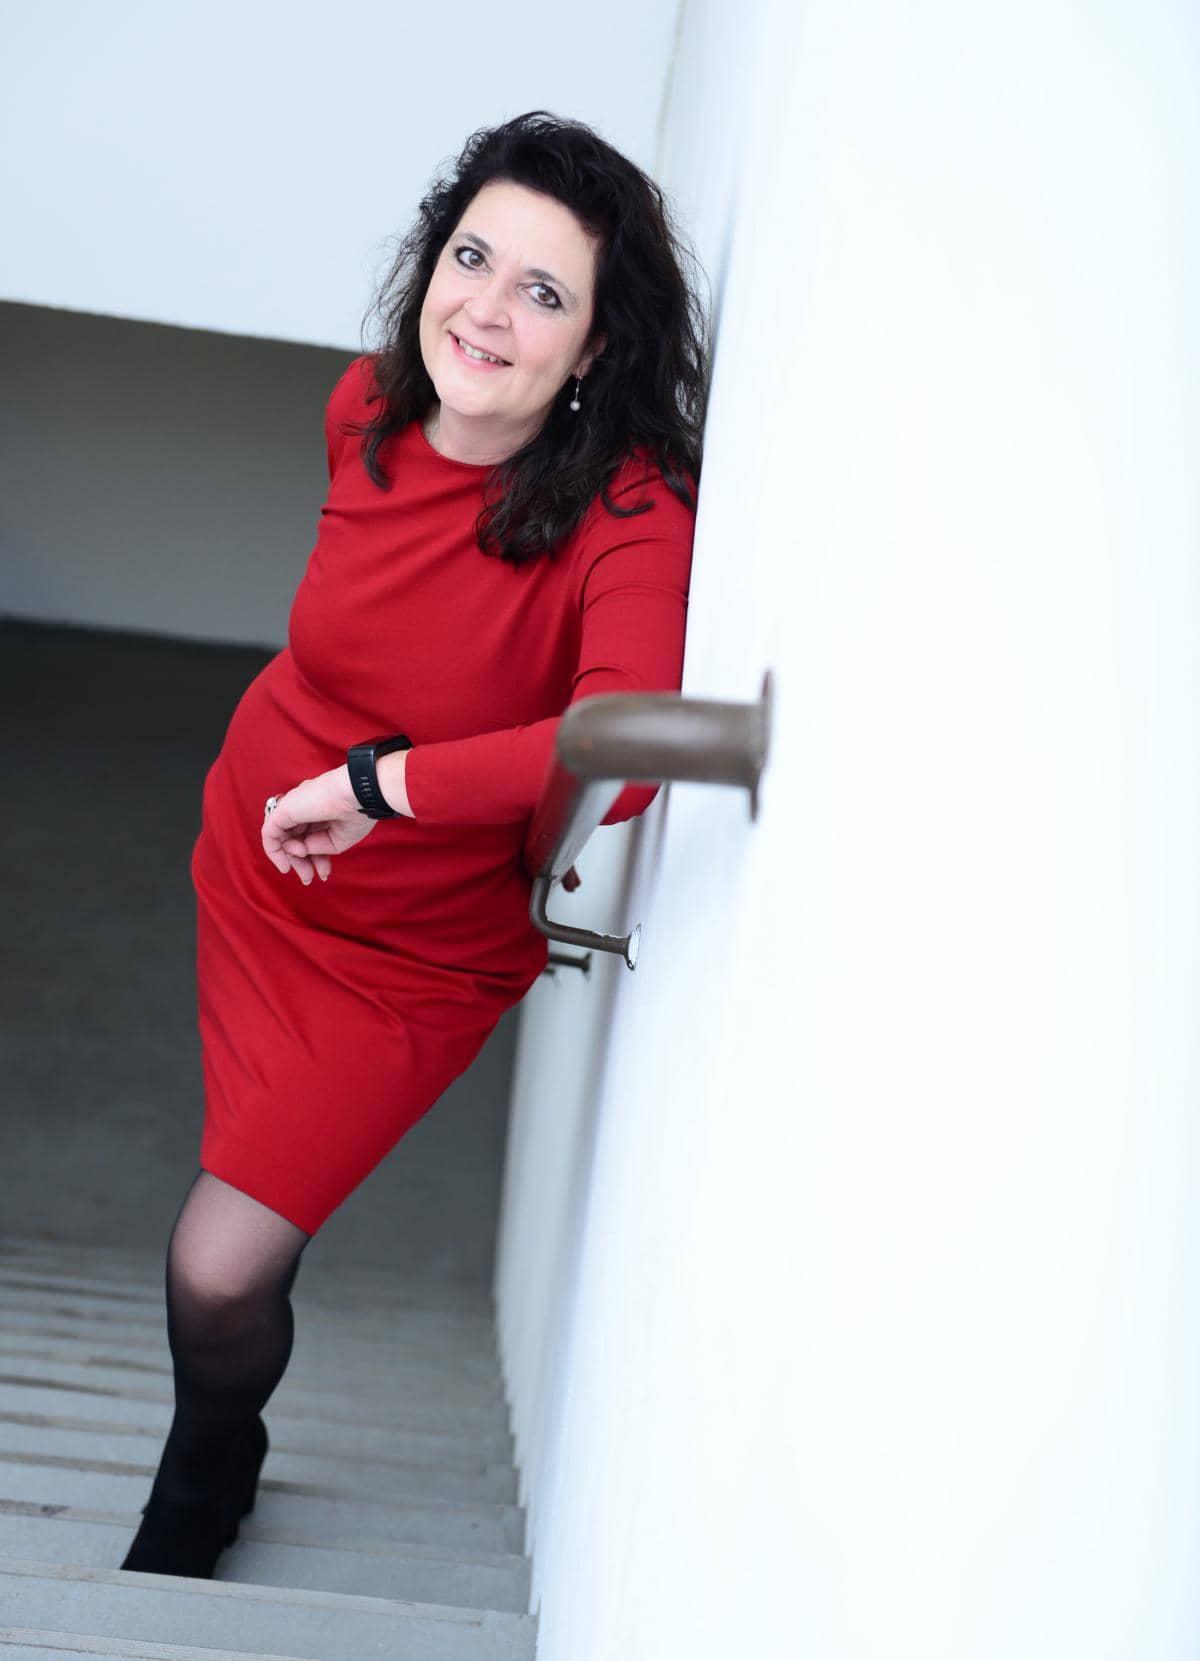 Sonja Giesen in rotem Kleid auf einer Treppe